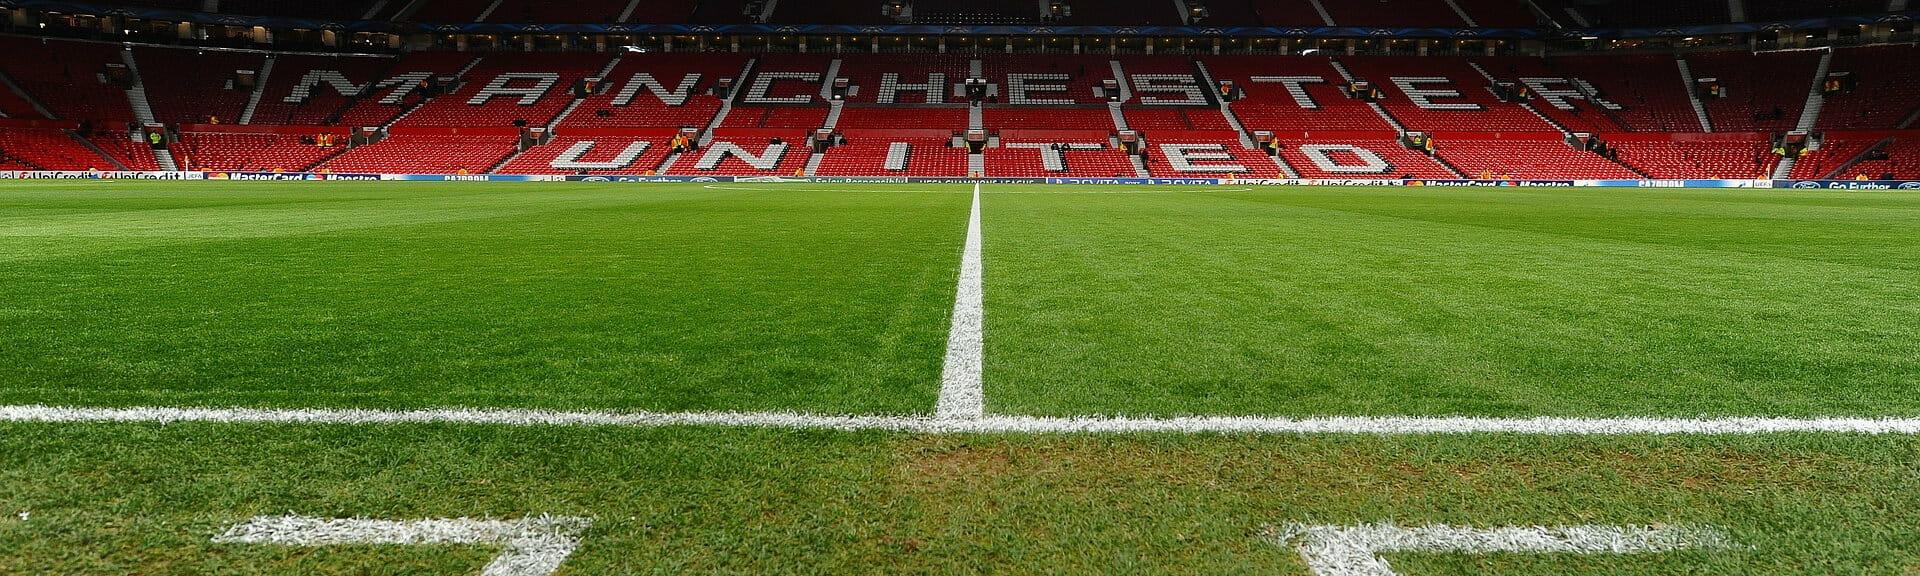 Klassenfahrt Manchester Old Trafford Stadion